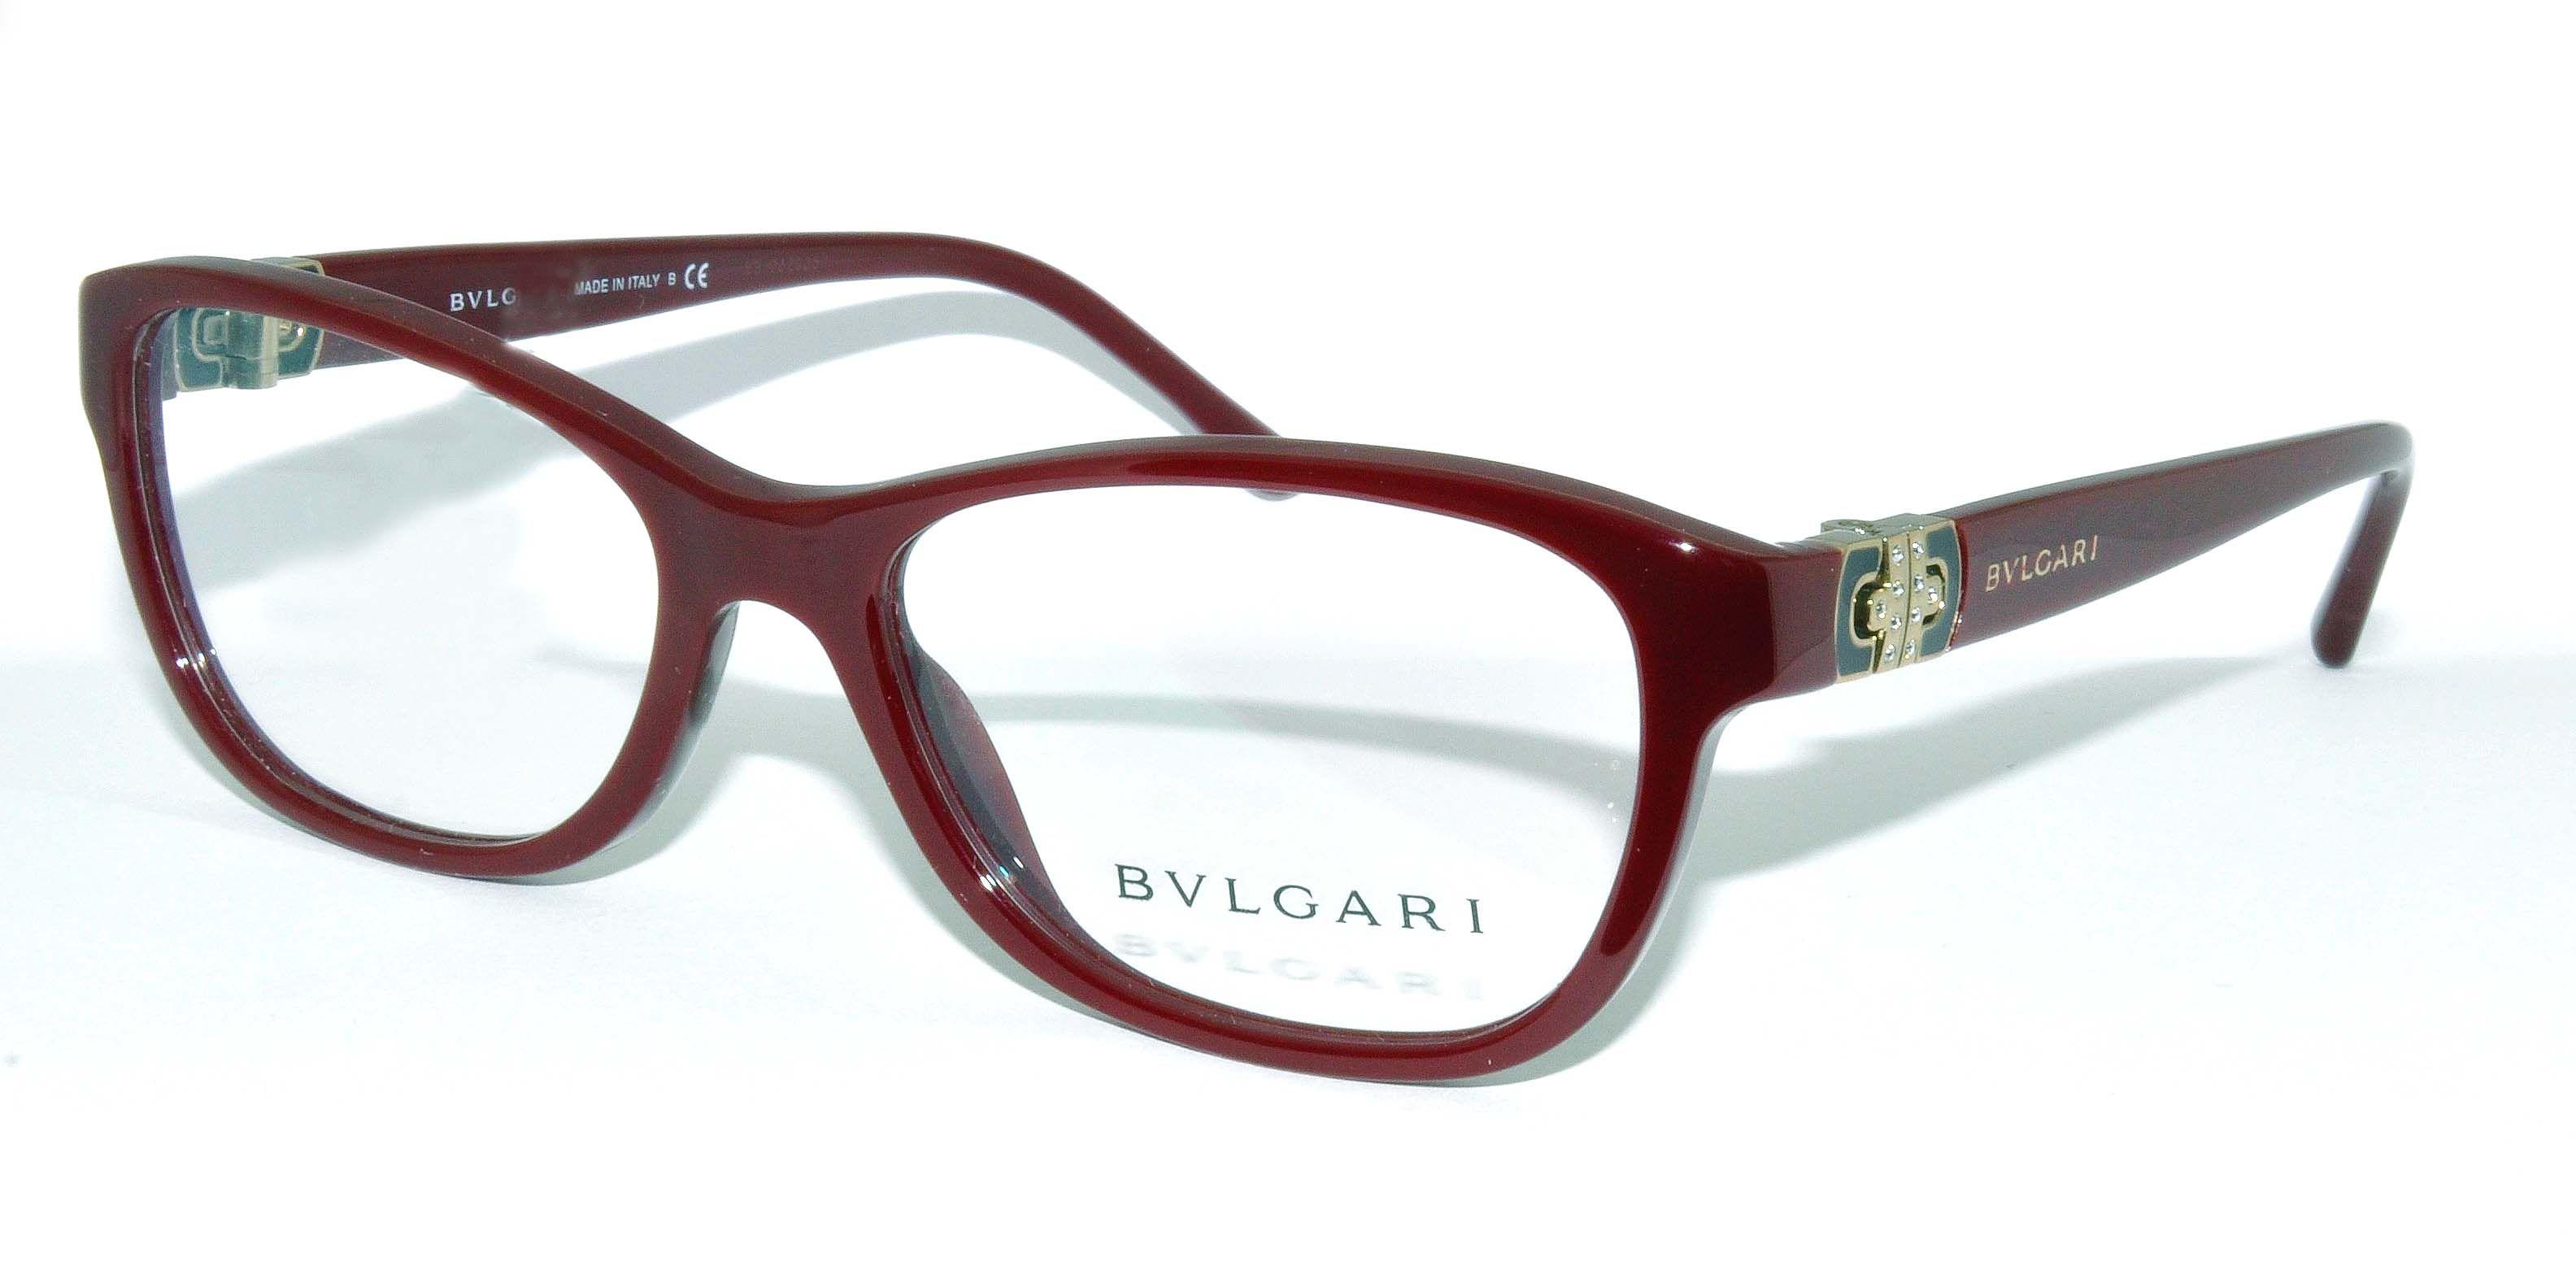 0508c28f32 Bulgari BV 4082B 5264 | Bulgari | Glass, Glasses, Eyes